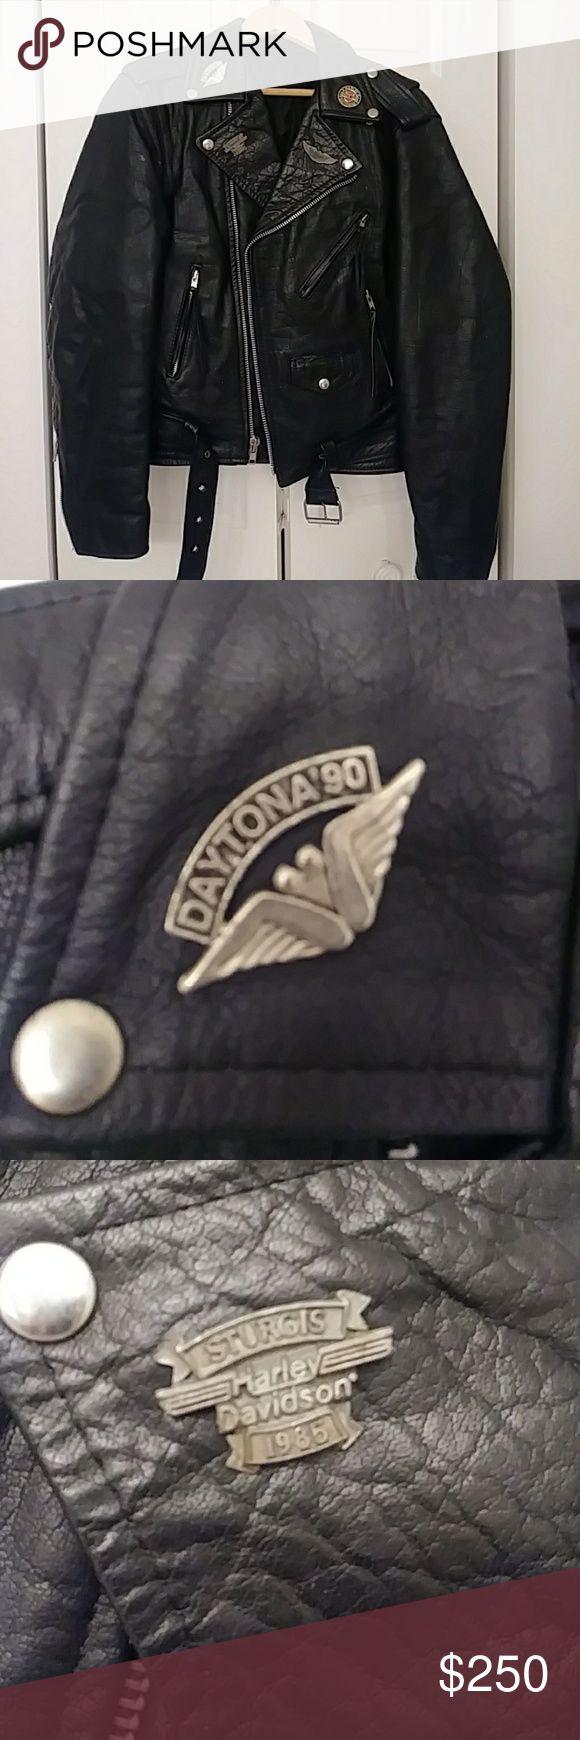 Vintage Motorcycle Jacket w/Harley & Sturgis Pins Thick